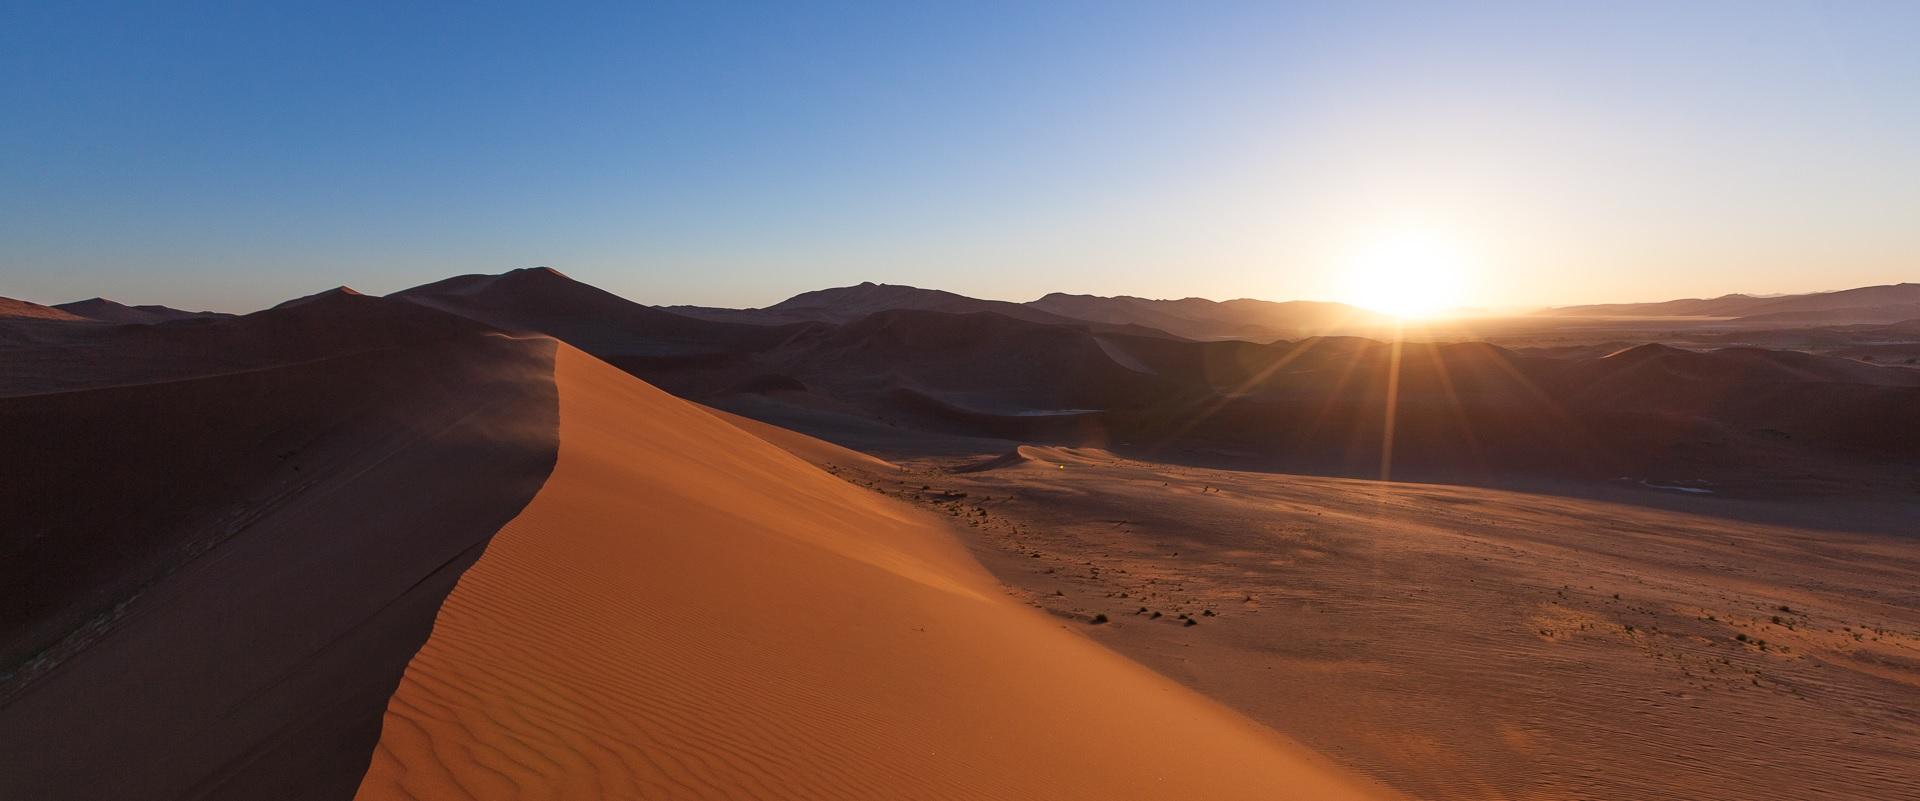 Namibia02.jpg